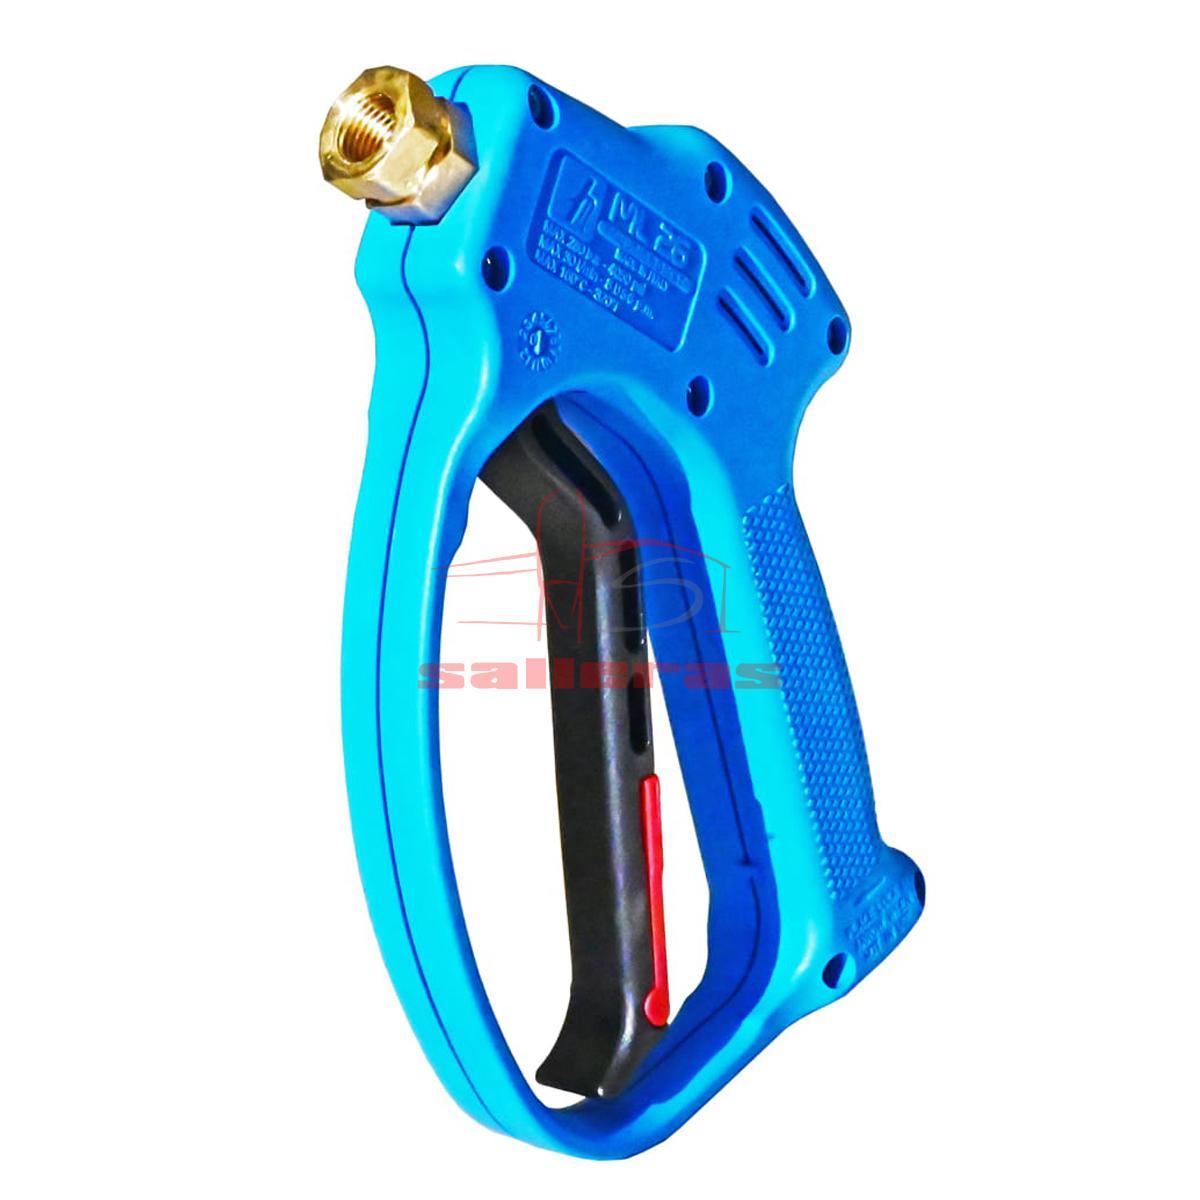 Dos pistolas de limpieza de agua a presion